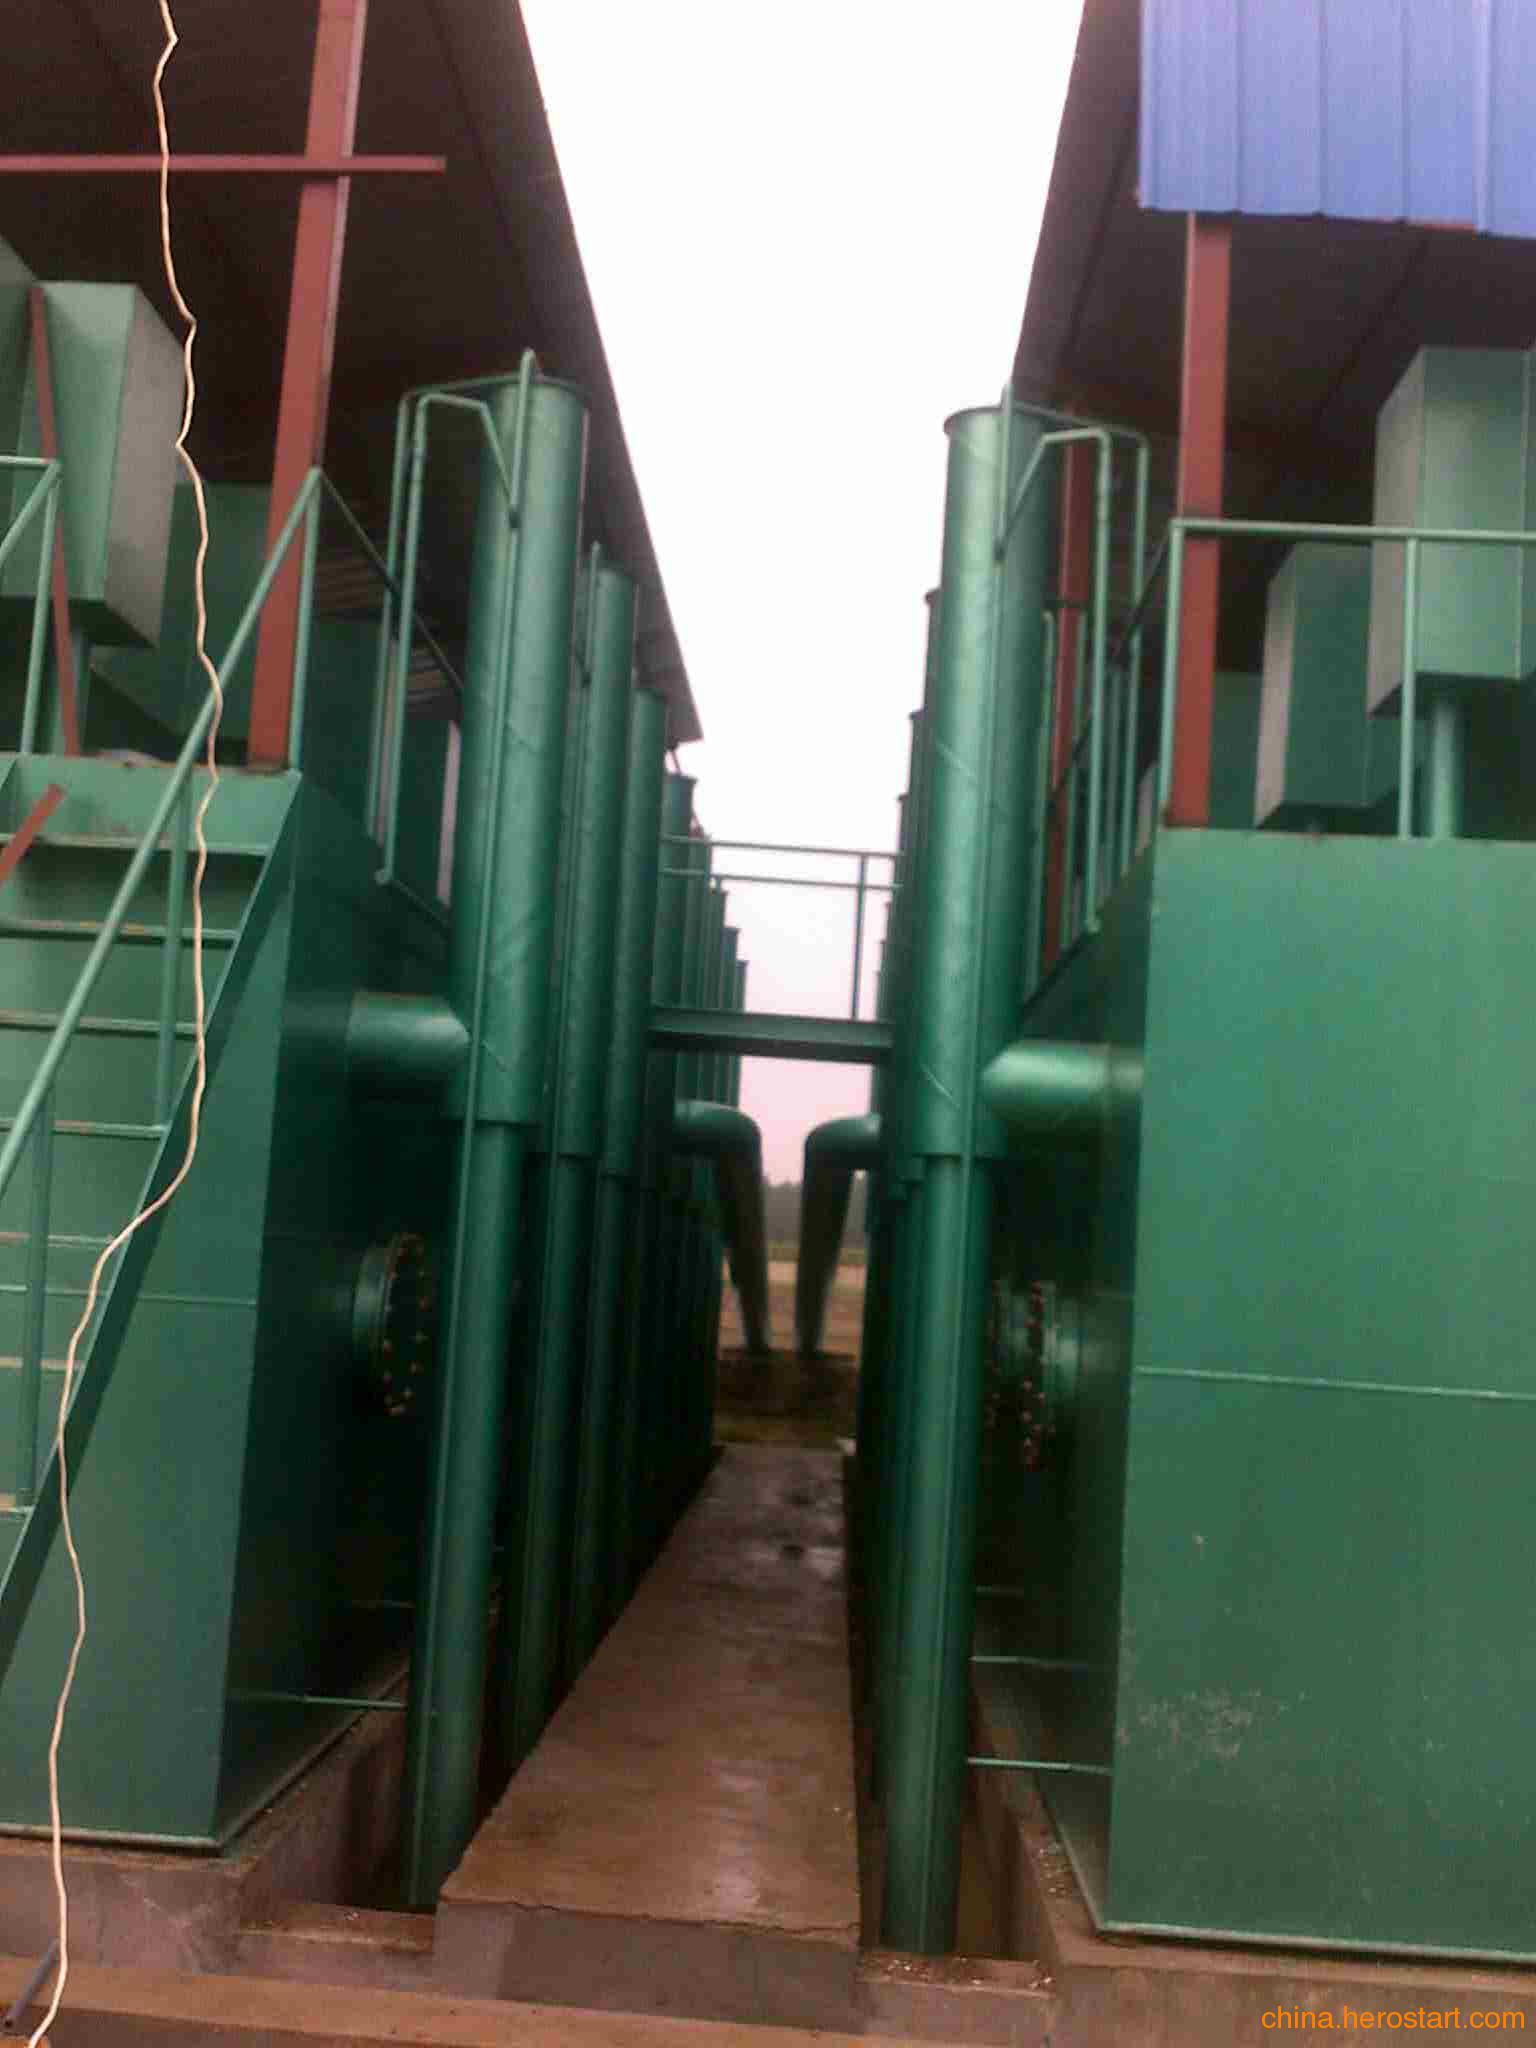 供应KLG/FA全自动一体化河水净水器,全自动净水器,地表水处理器,河水过滤器